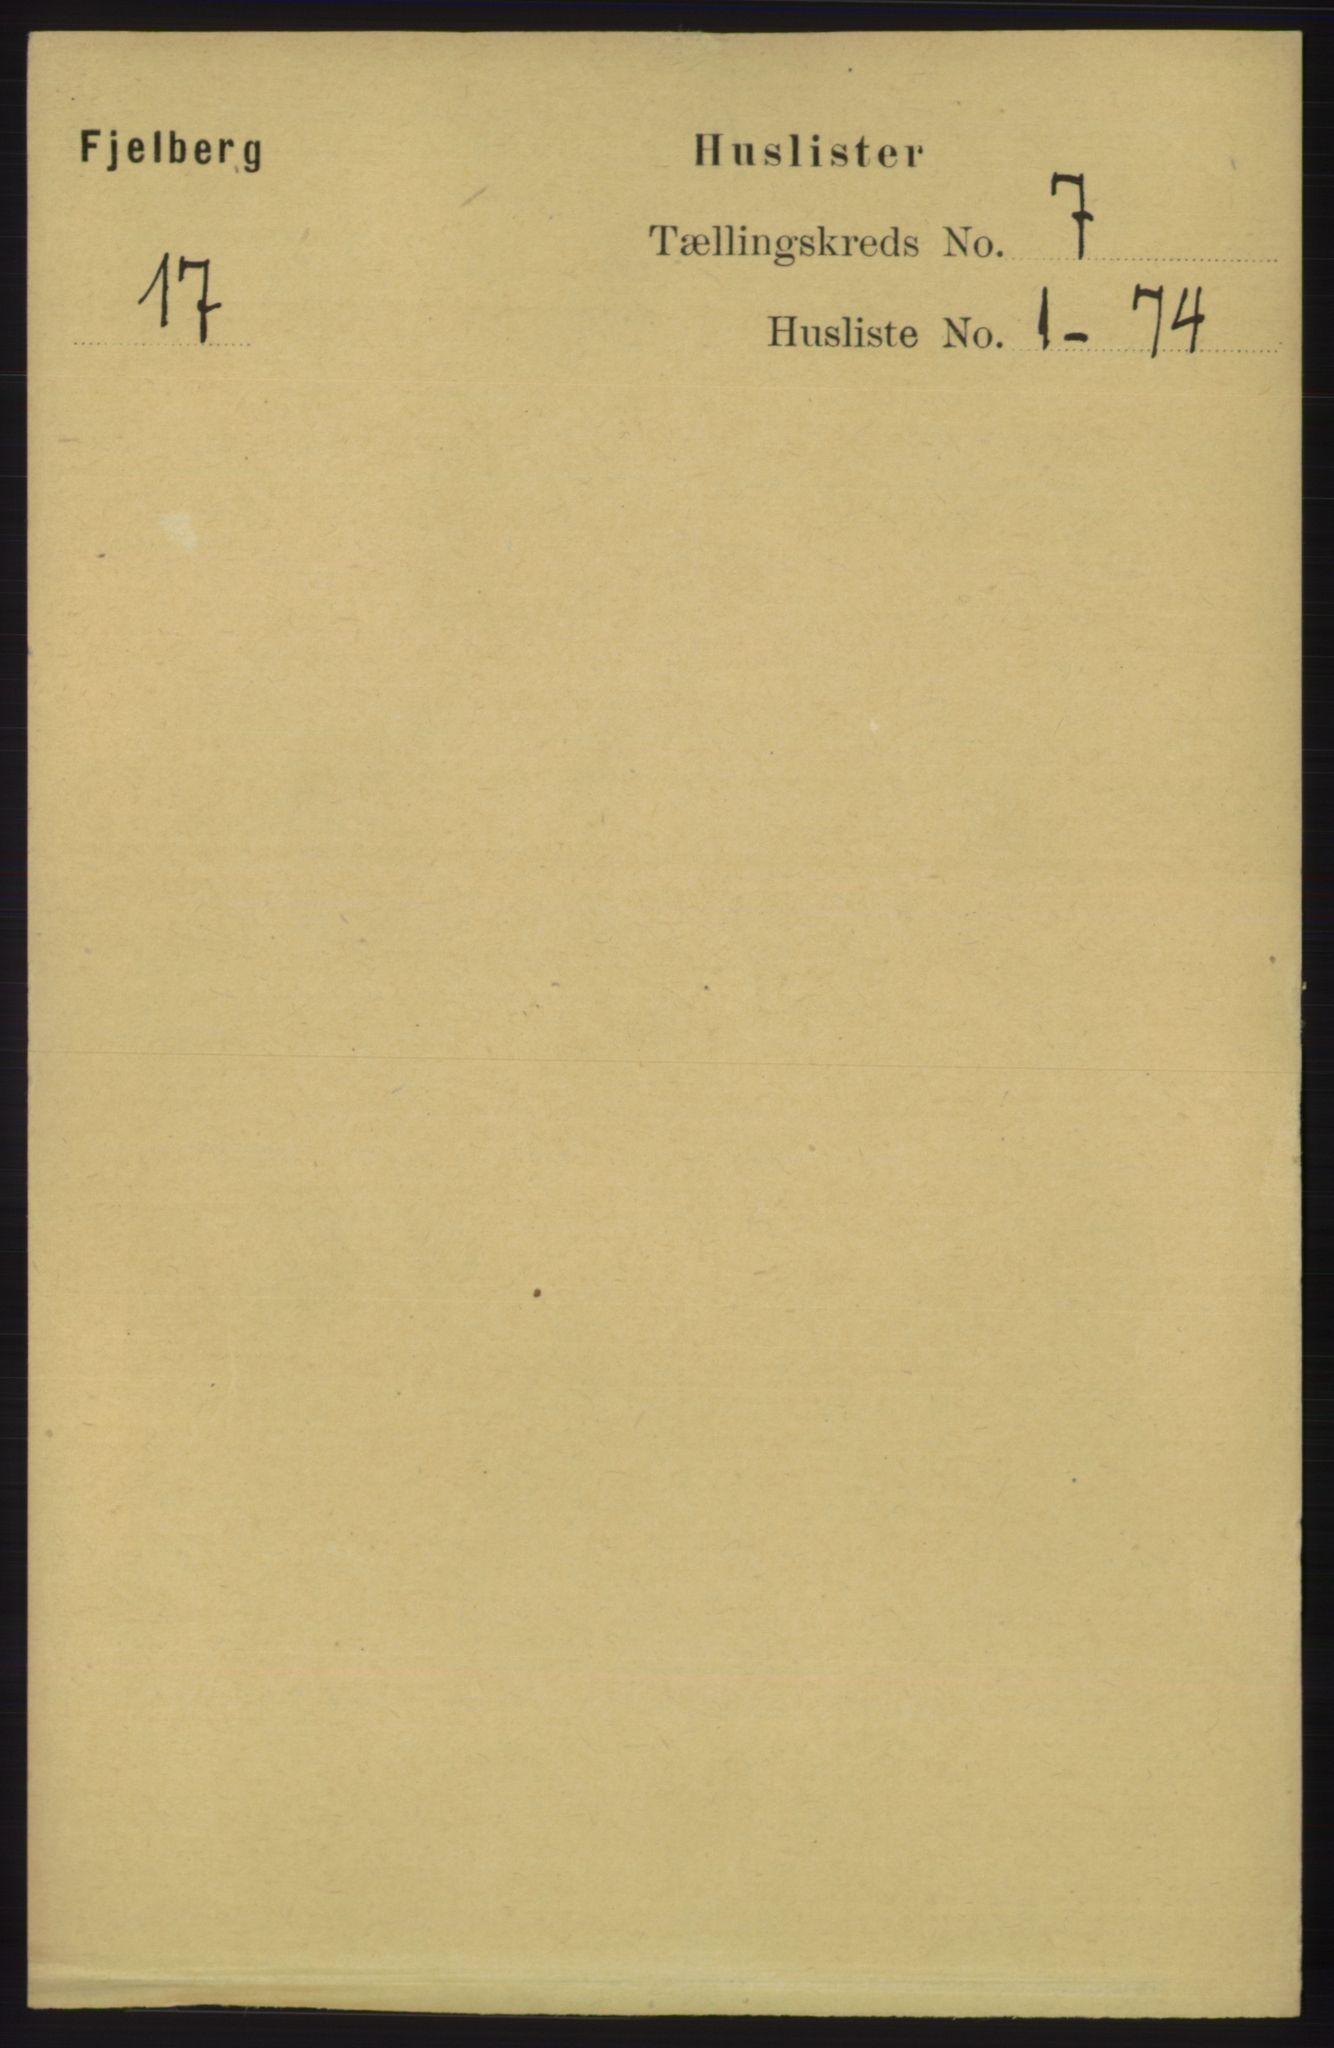 RA, Folketelling 1891 for 1213 Fjelberg herred, 1891, s. 2321